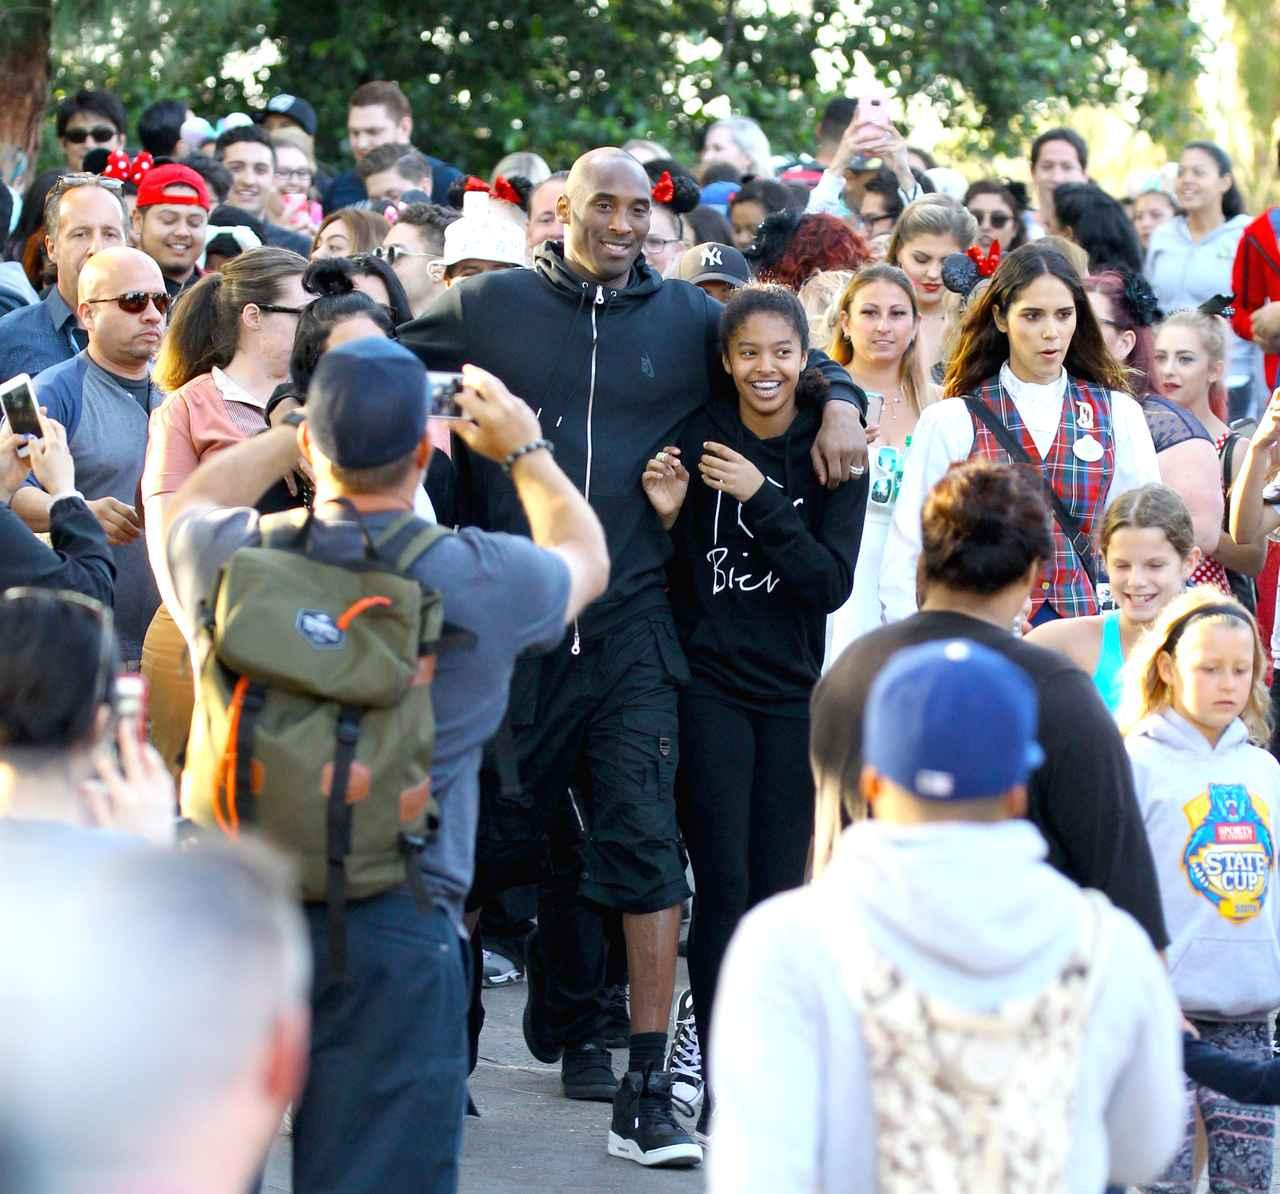 画像: 元NBA選手のコービーが家族とディズニーランドに行くと、まるでパレードかのように後ろには人だかりが。